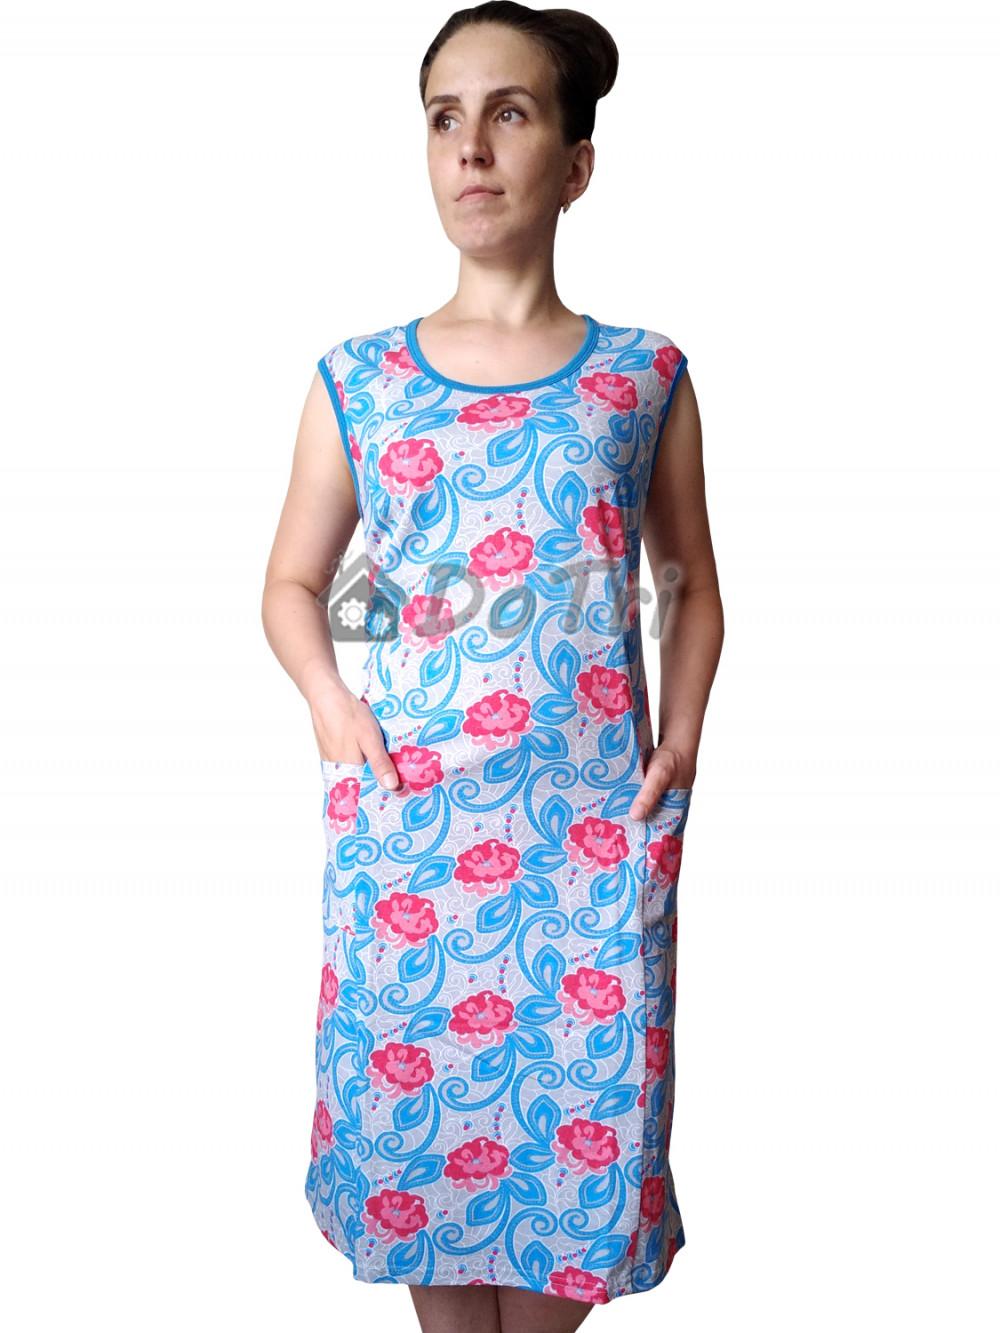 Увеличить - Платье арт 011 розовые цветы и вензеля, РАСПРОДАЖА